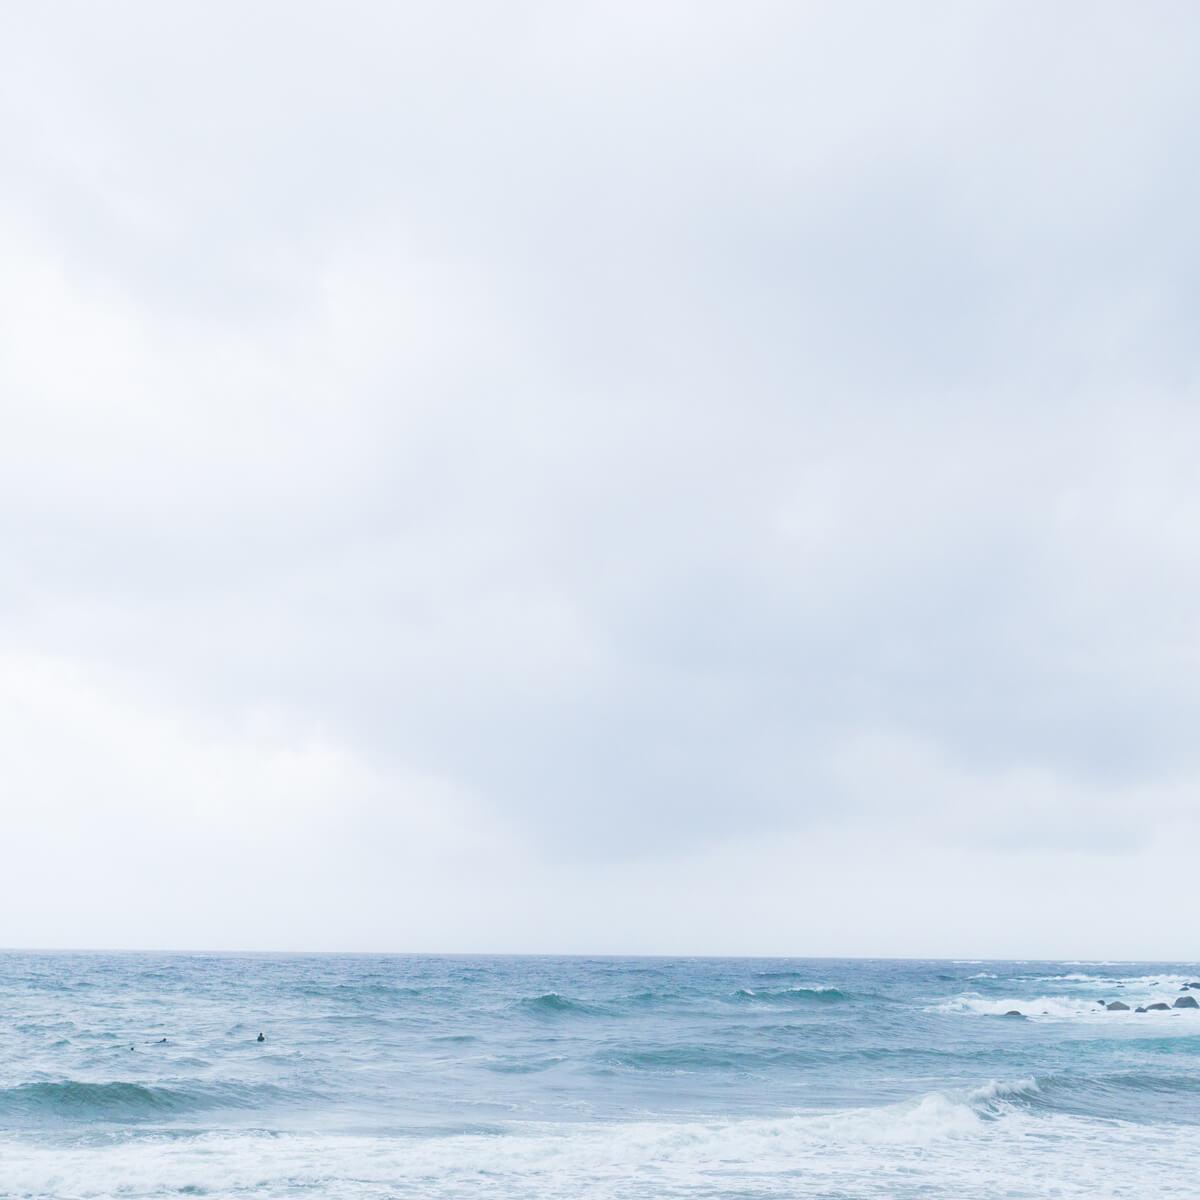 海、スモモ、ツユクサ、月と天然石、小さなピアス、そしてパン #屋久島日々の暮らしとジュエリー